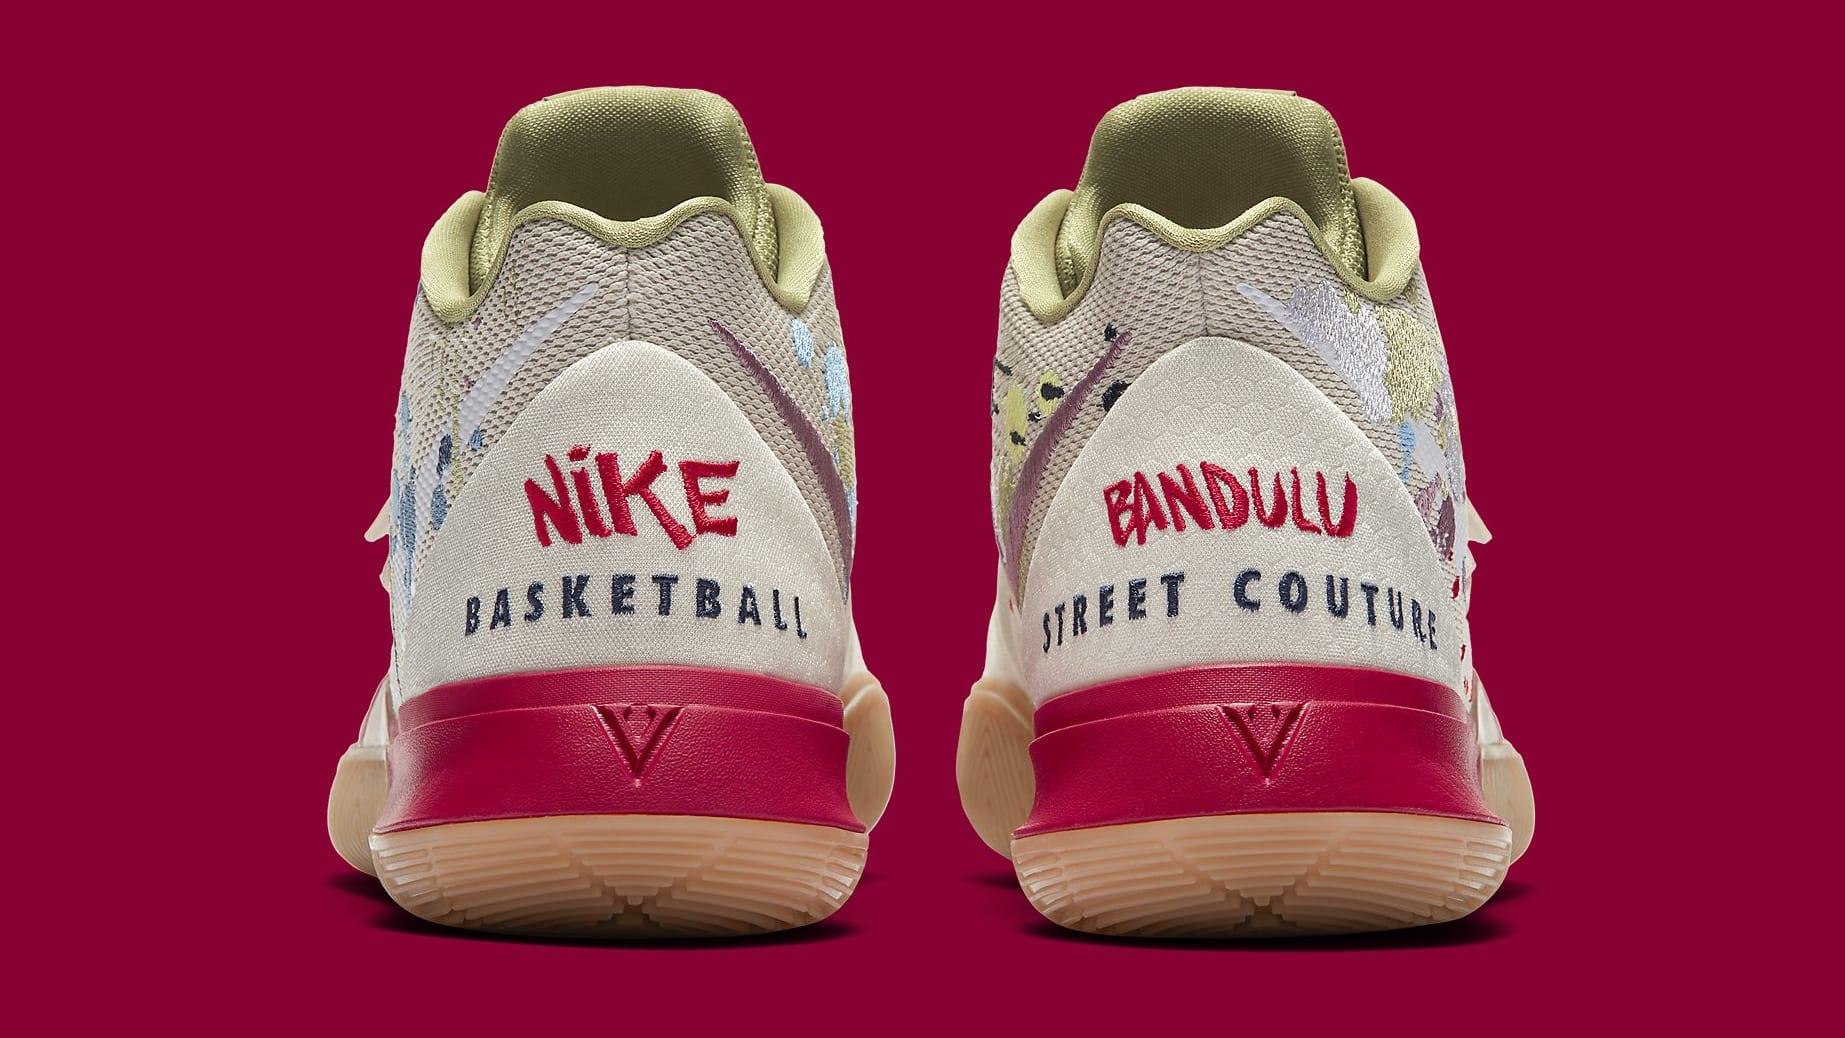 Bandulu x Nike Kyrie 5 CK5836-100 Heel